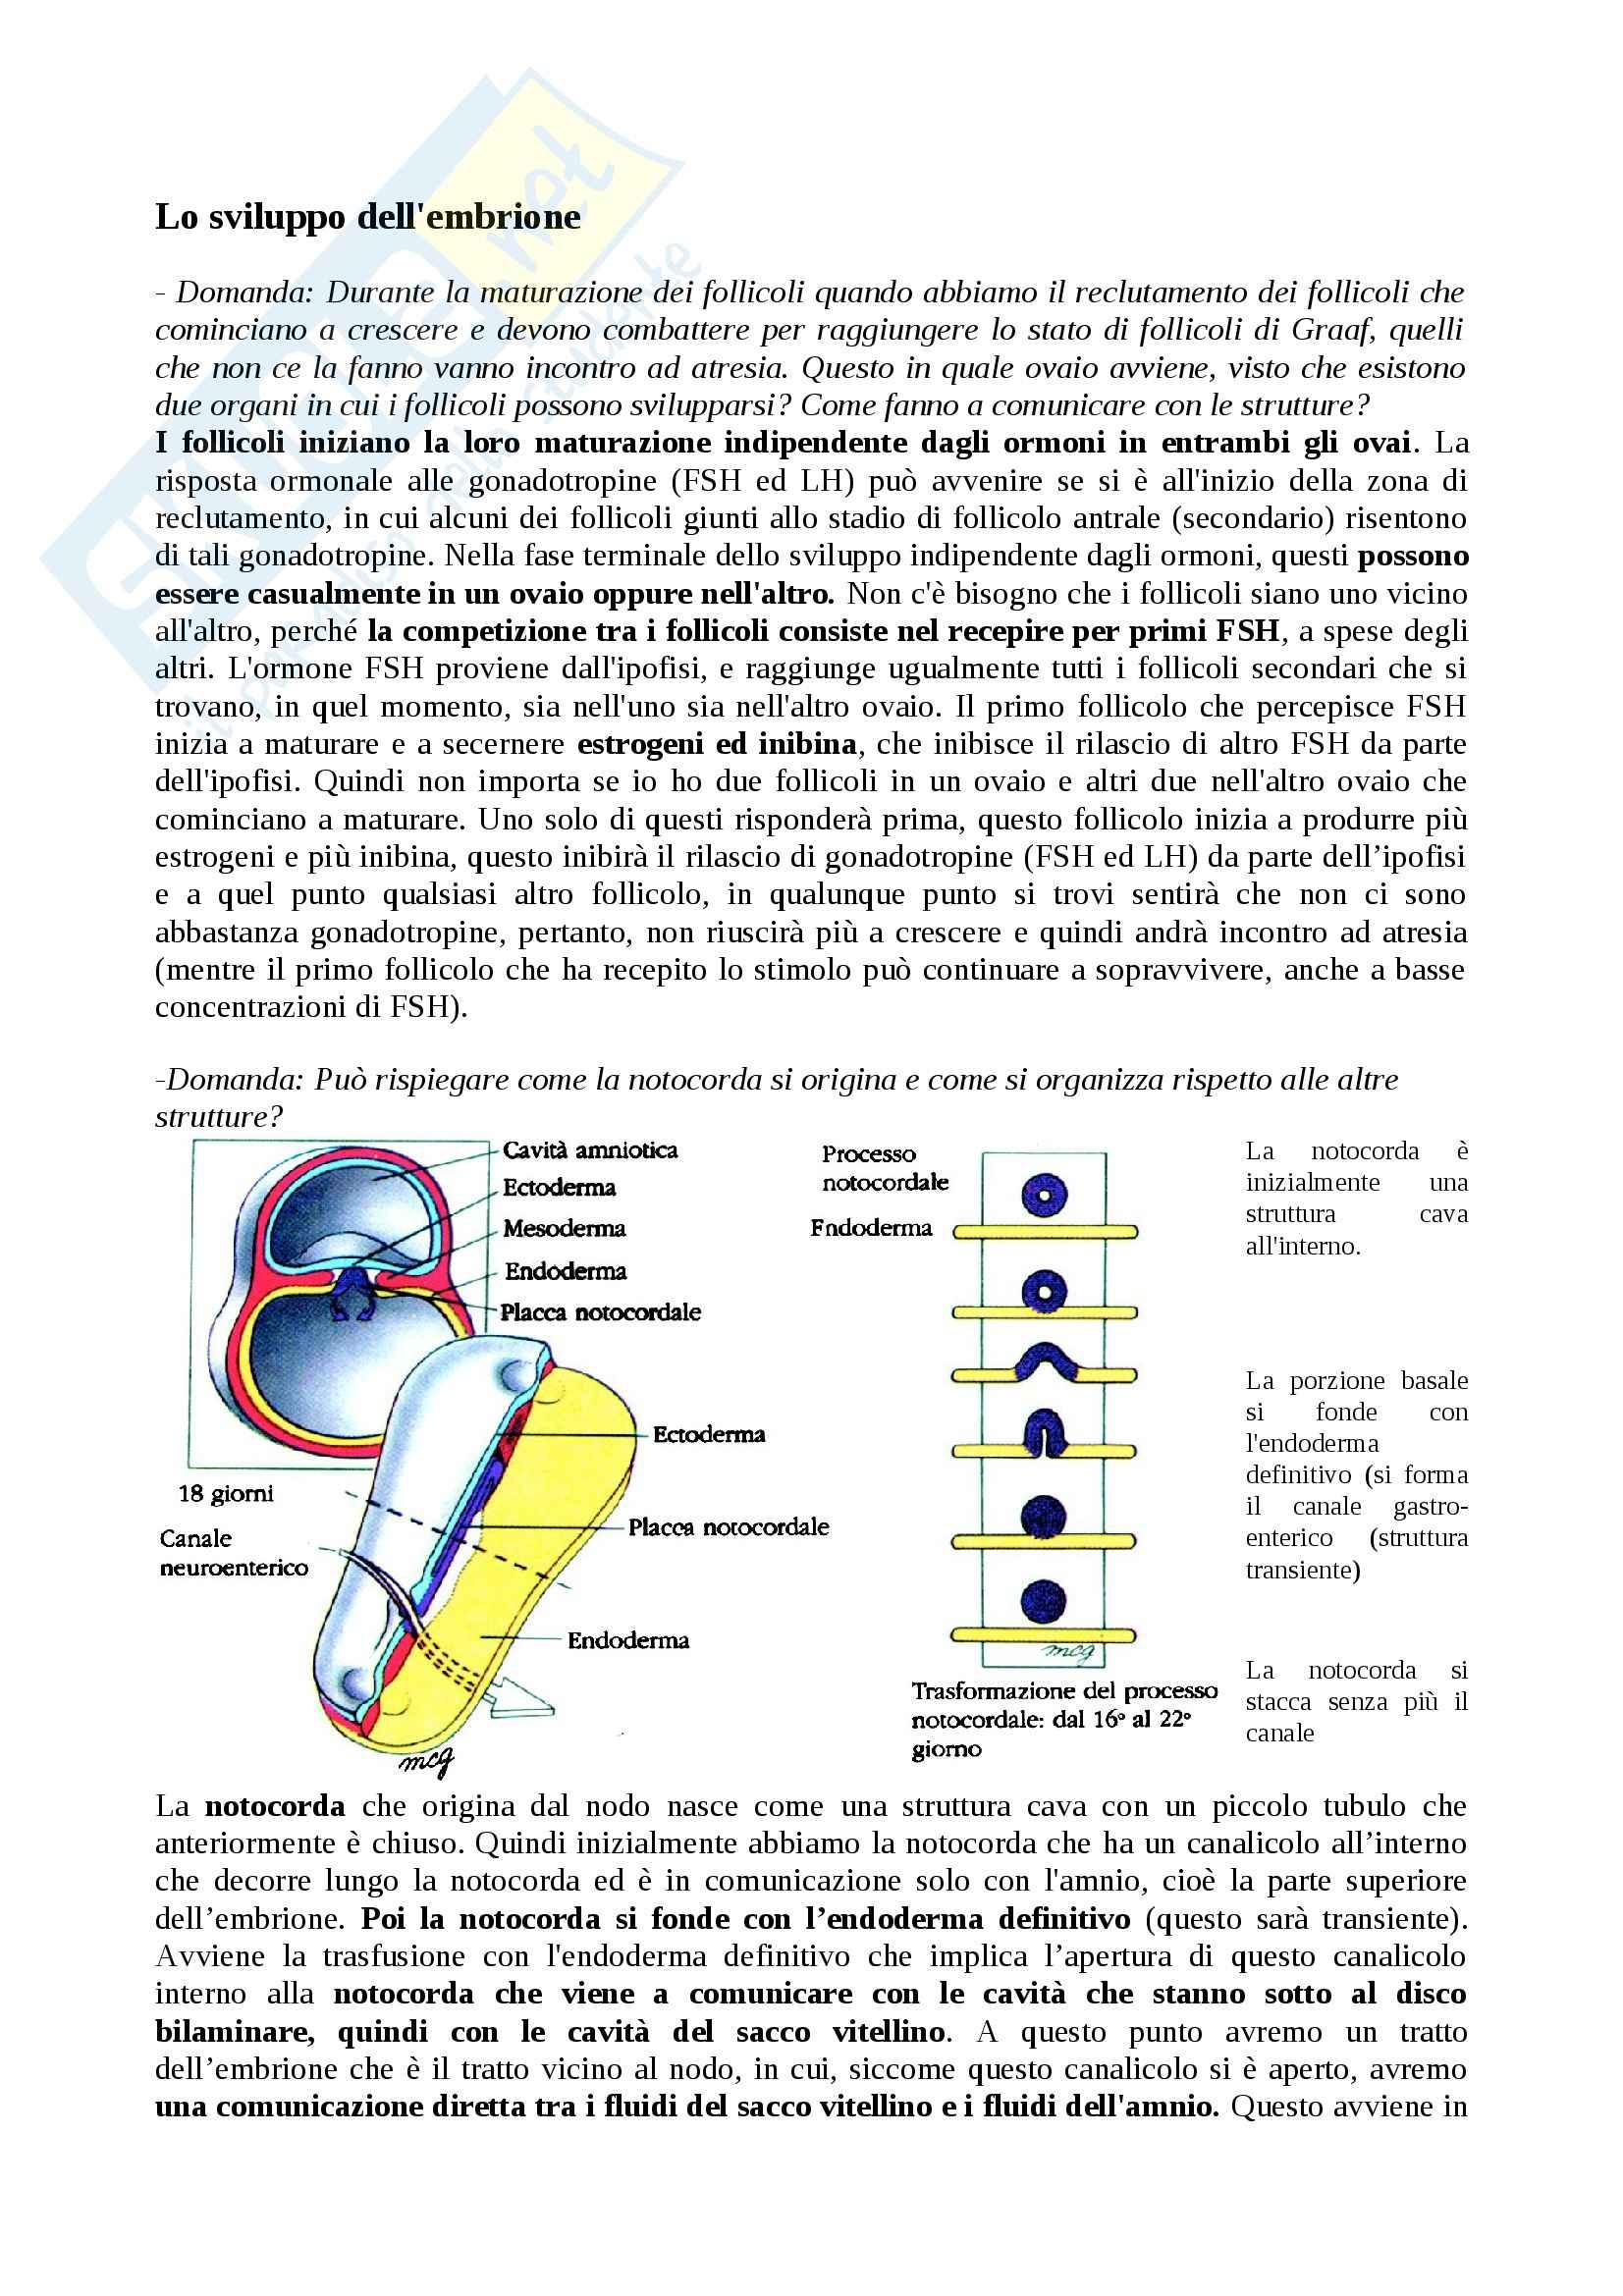 Neurulazione, Neurogenesi e Ripiegamento dell'embrione, Embriologia